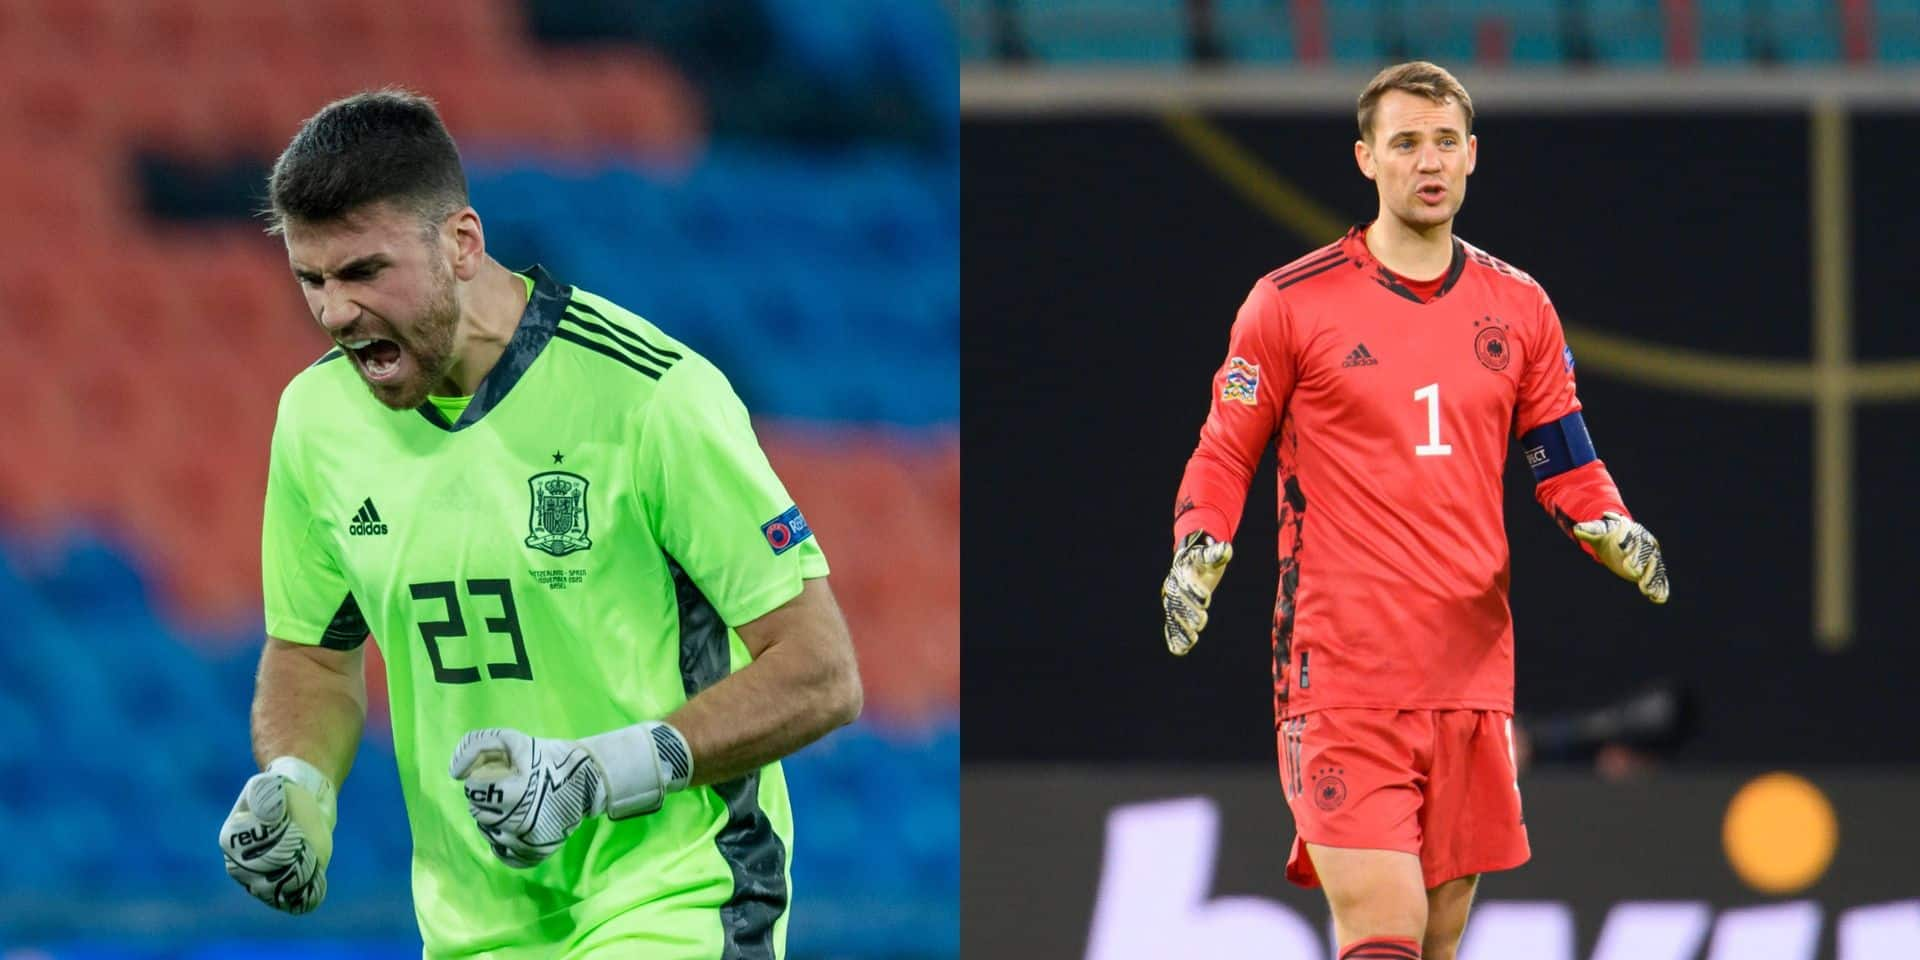 Espagne-Allemagne: un sommet pour deux équipes avec des soucis